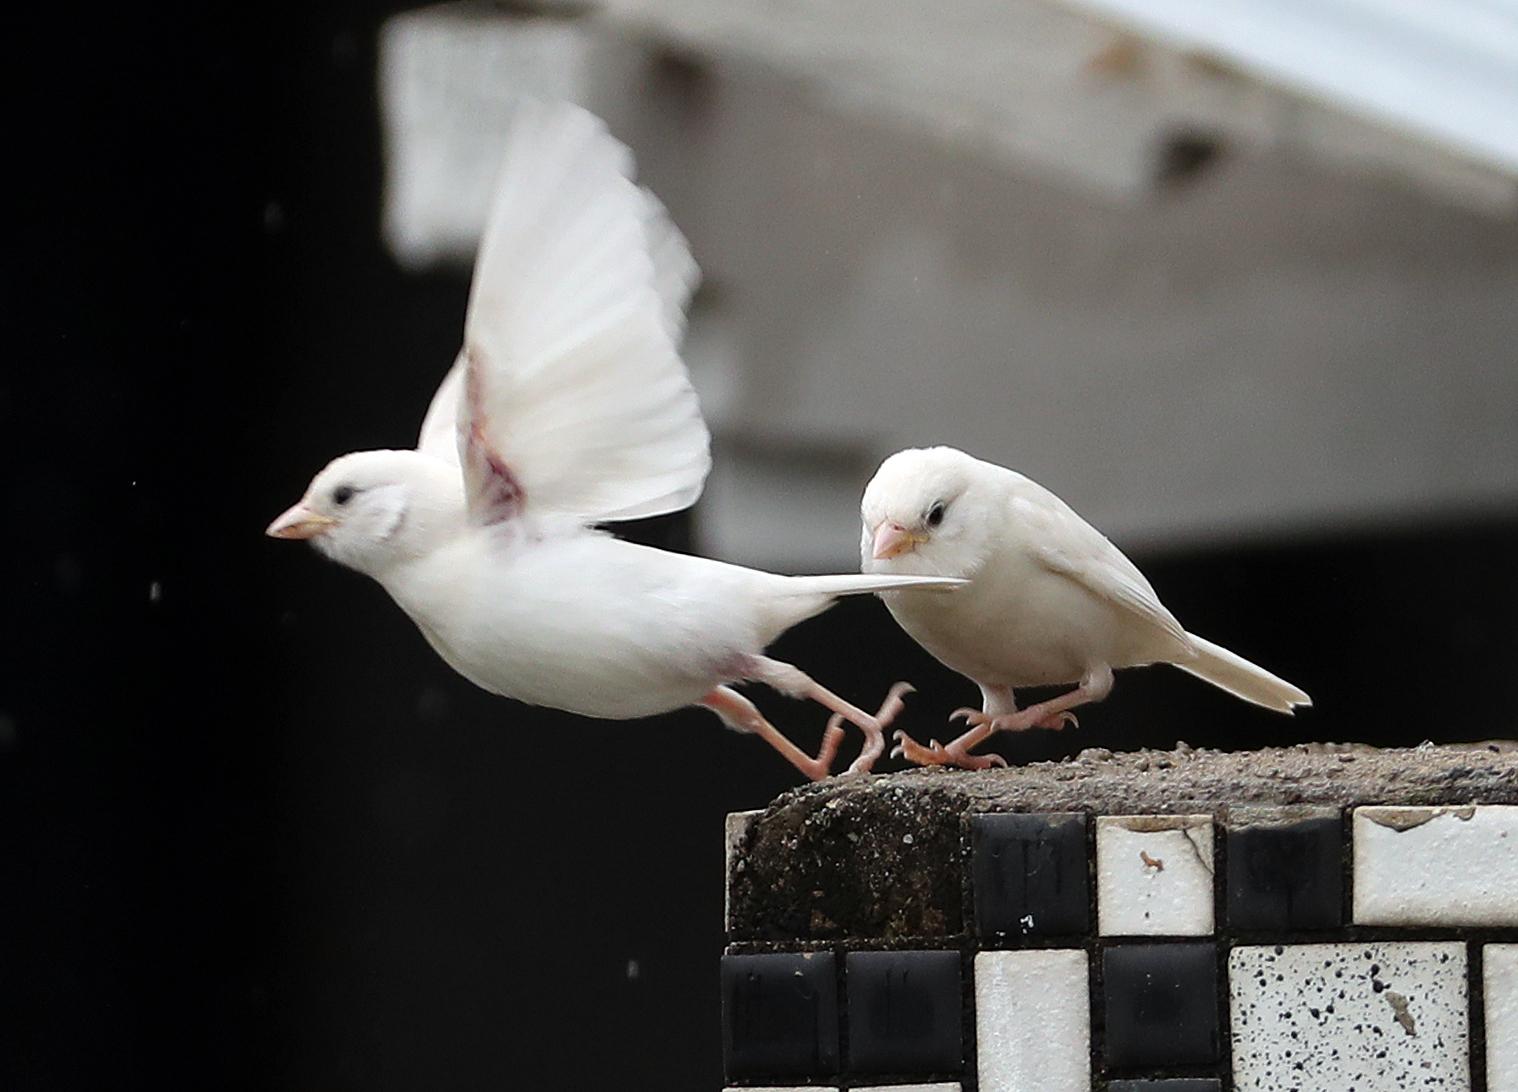 좋은 소식은 전하는 길조로 알려진 흰 참새가 13일 강원도 춘천의 한 주택가에 나타나 화제다. [연합뉴스]